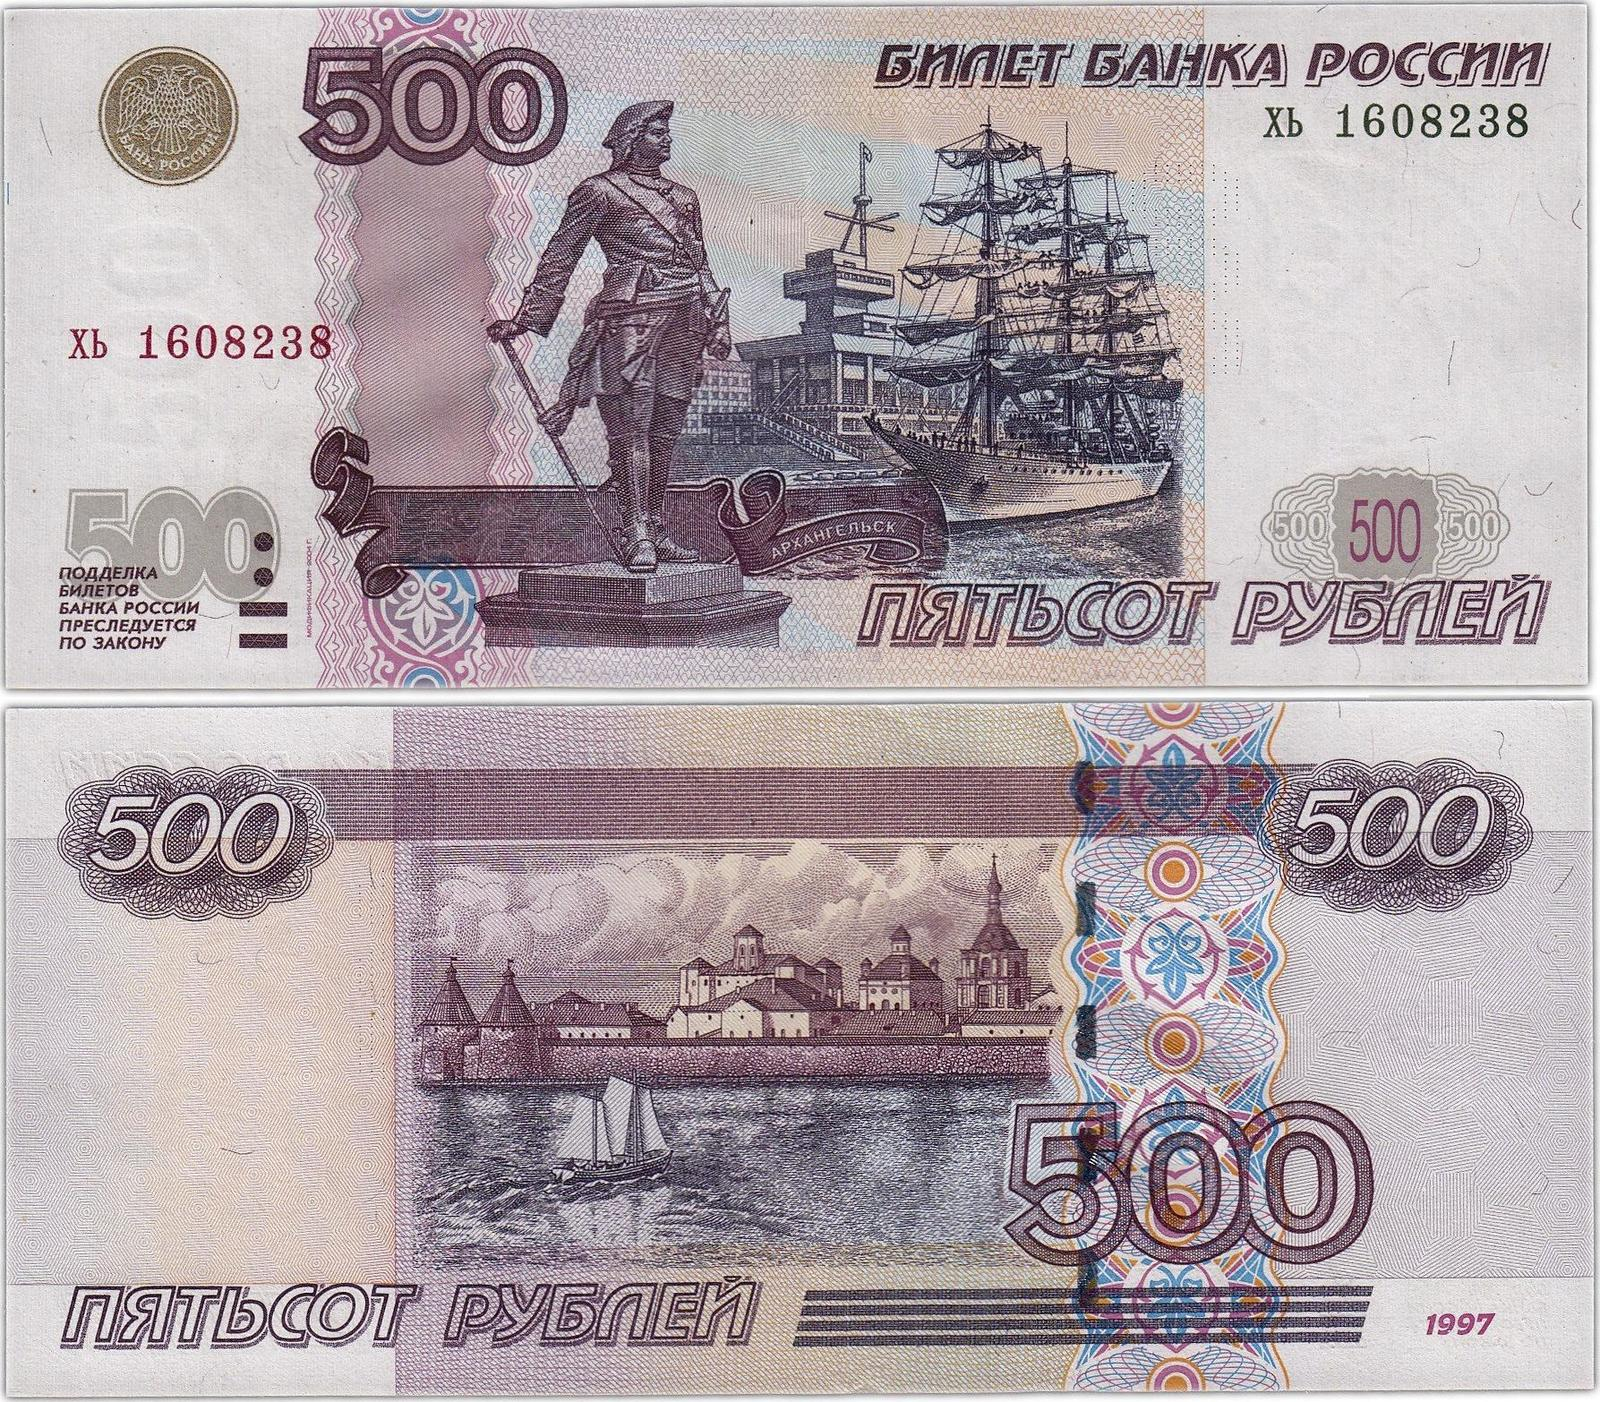 1b94cb744259 А ведь банкноты могли быть такими